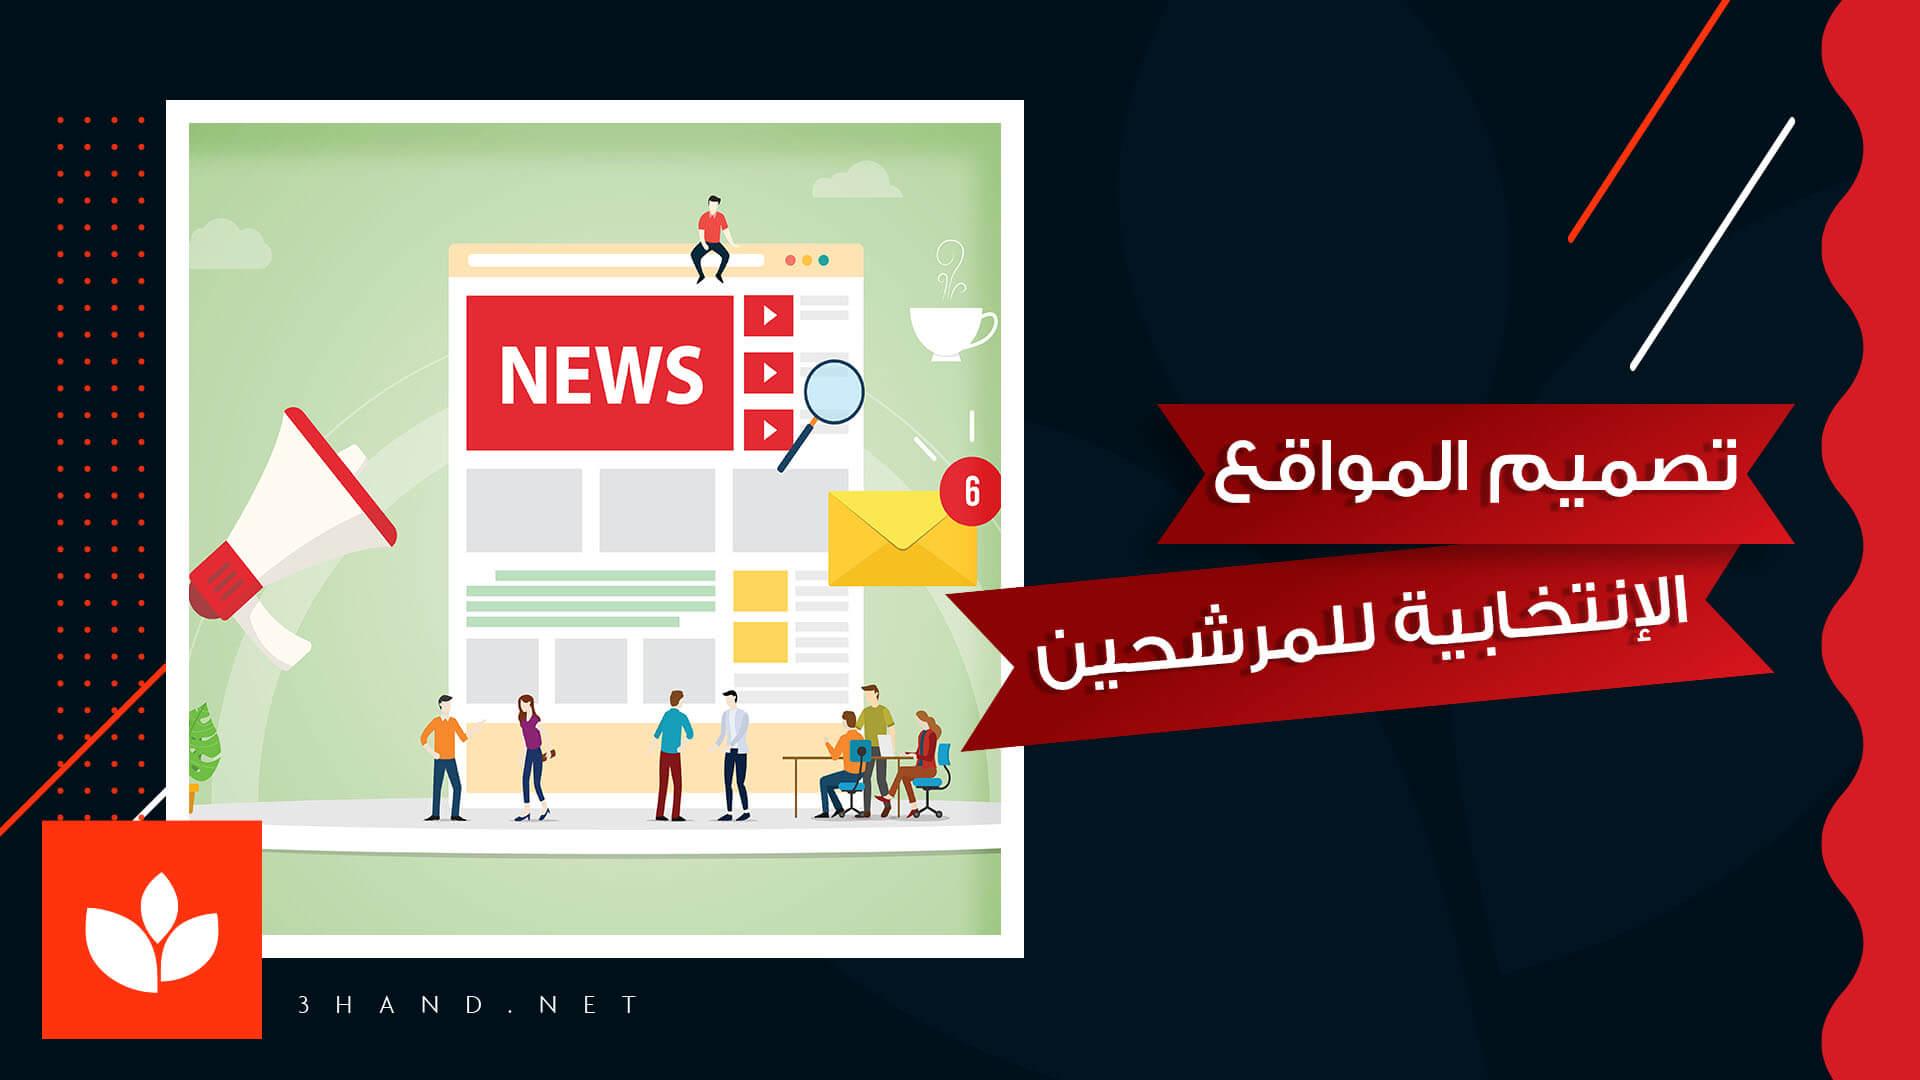 تصميم المواقع الانتخابية للمرشحين